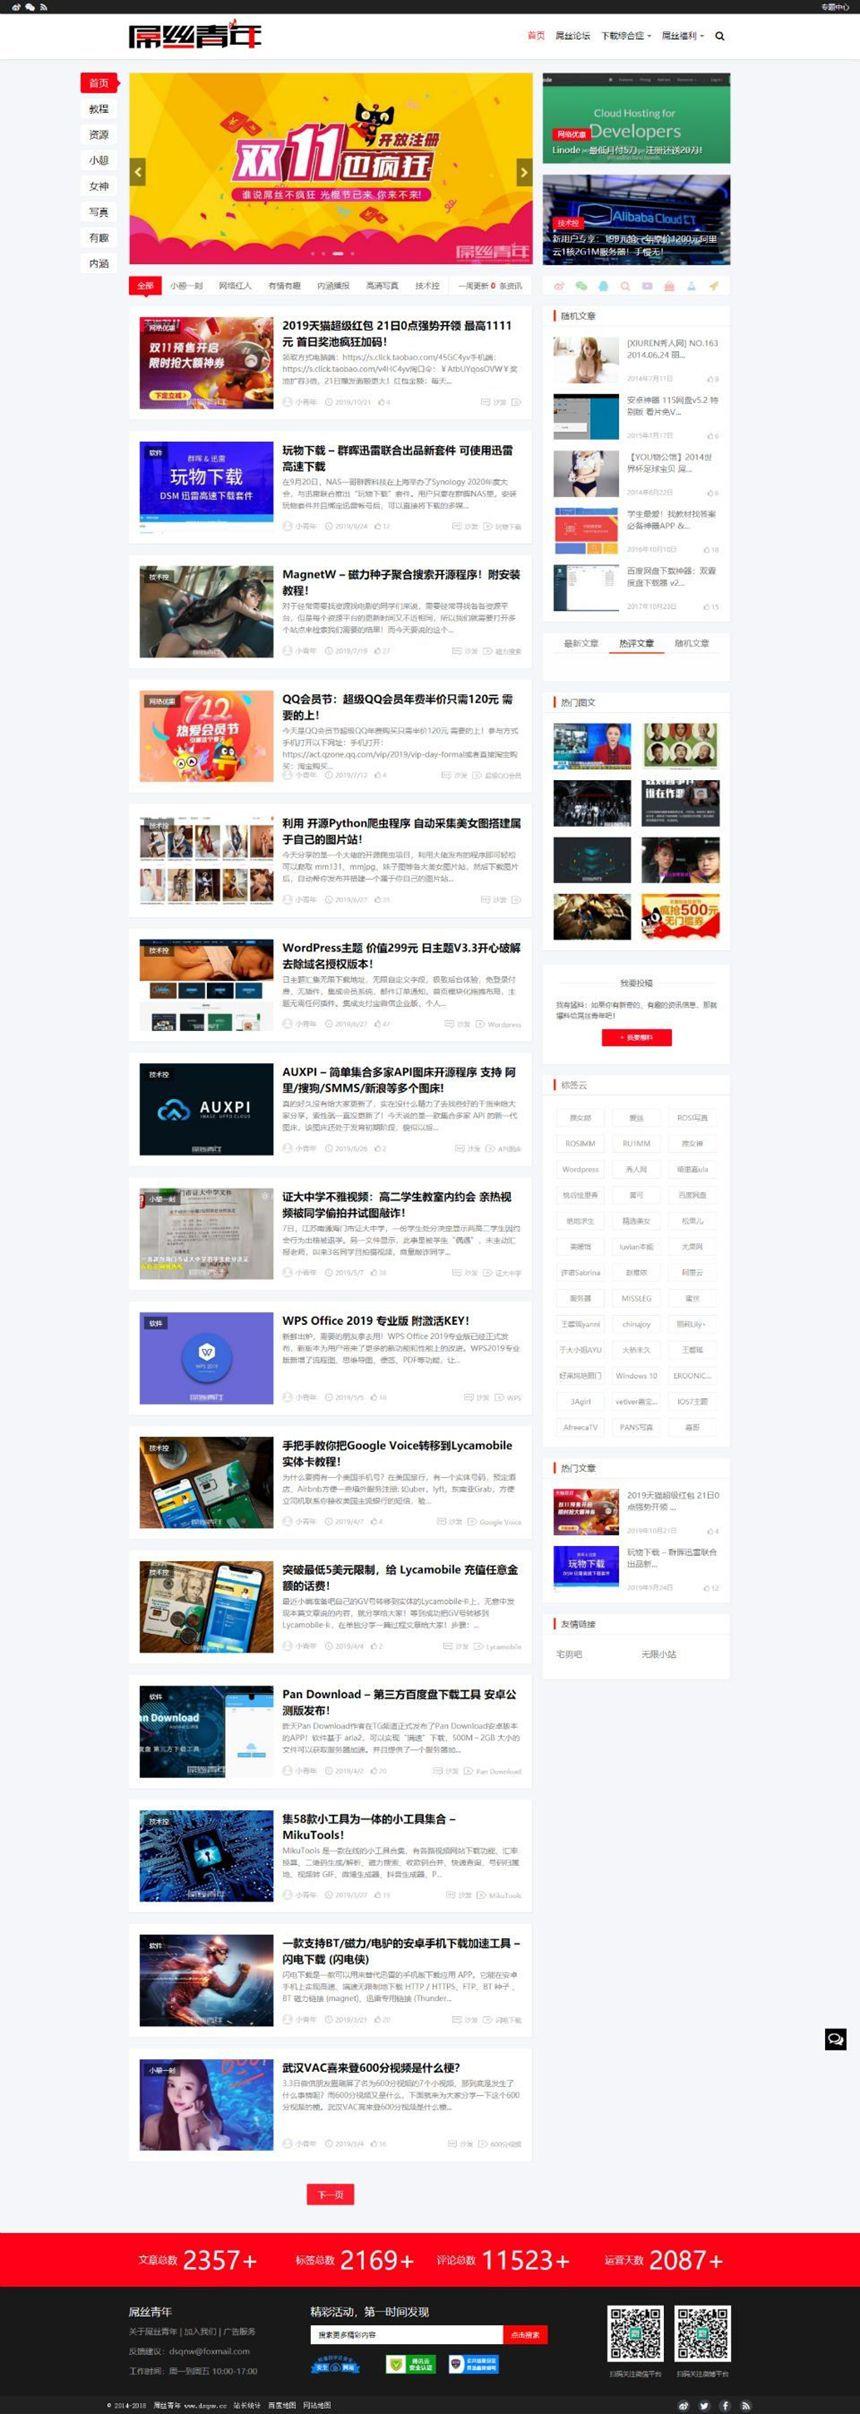 【LIiu-One二开主题】最新仿吊丝青年网站文章资讯自媒体通用WordPress主题插图